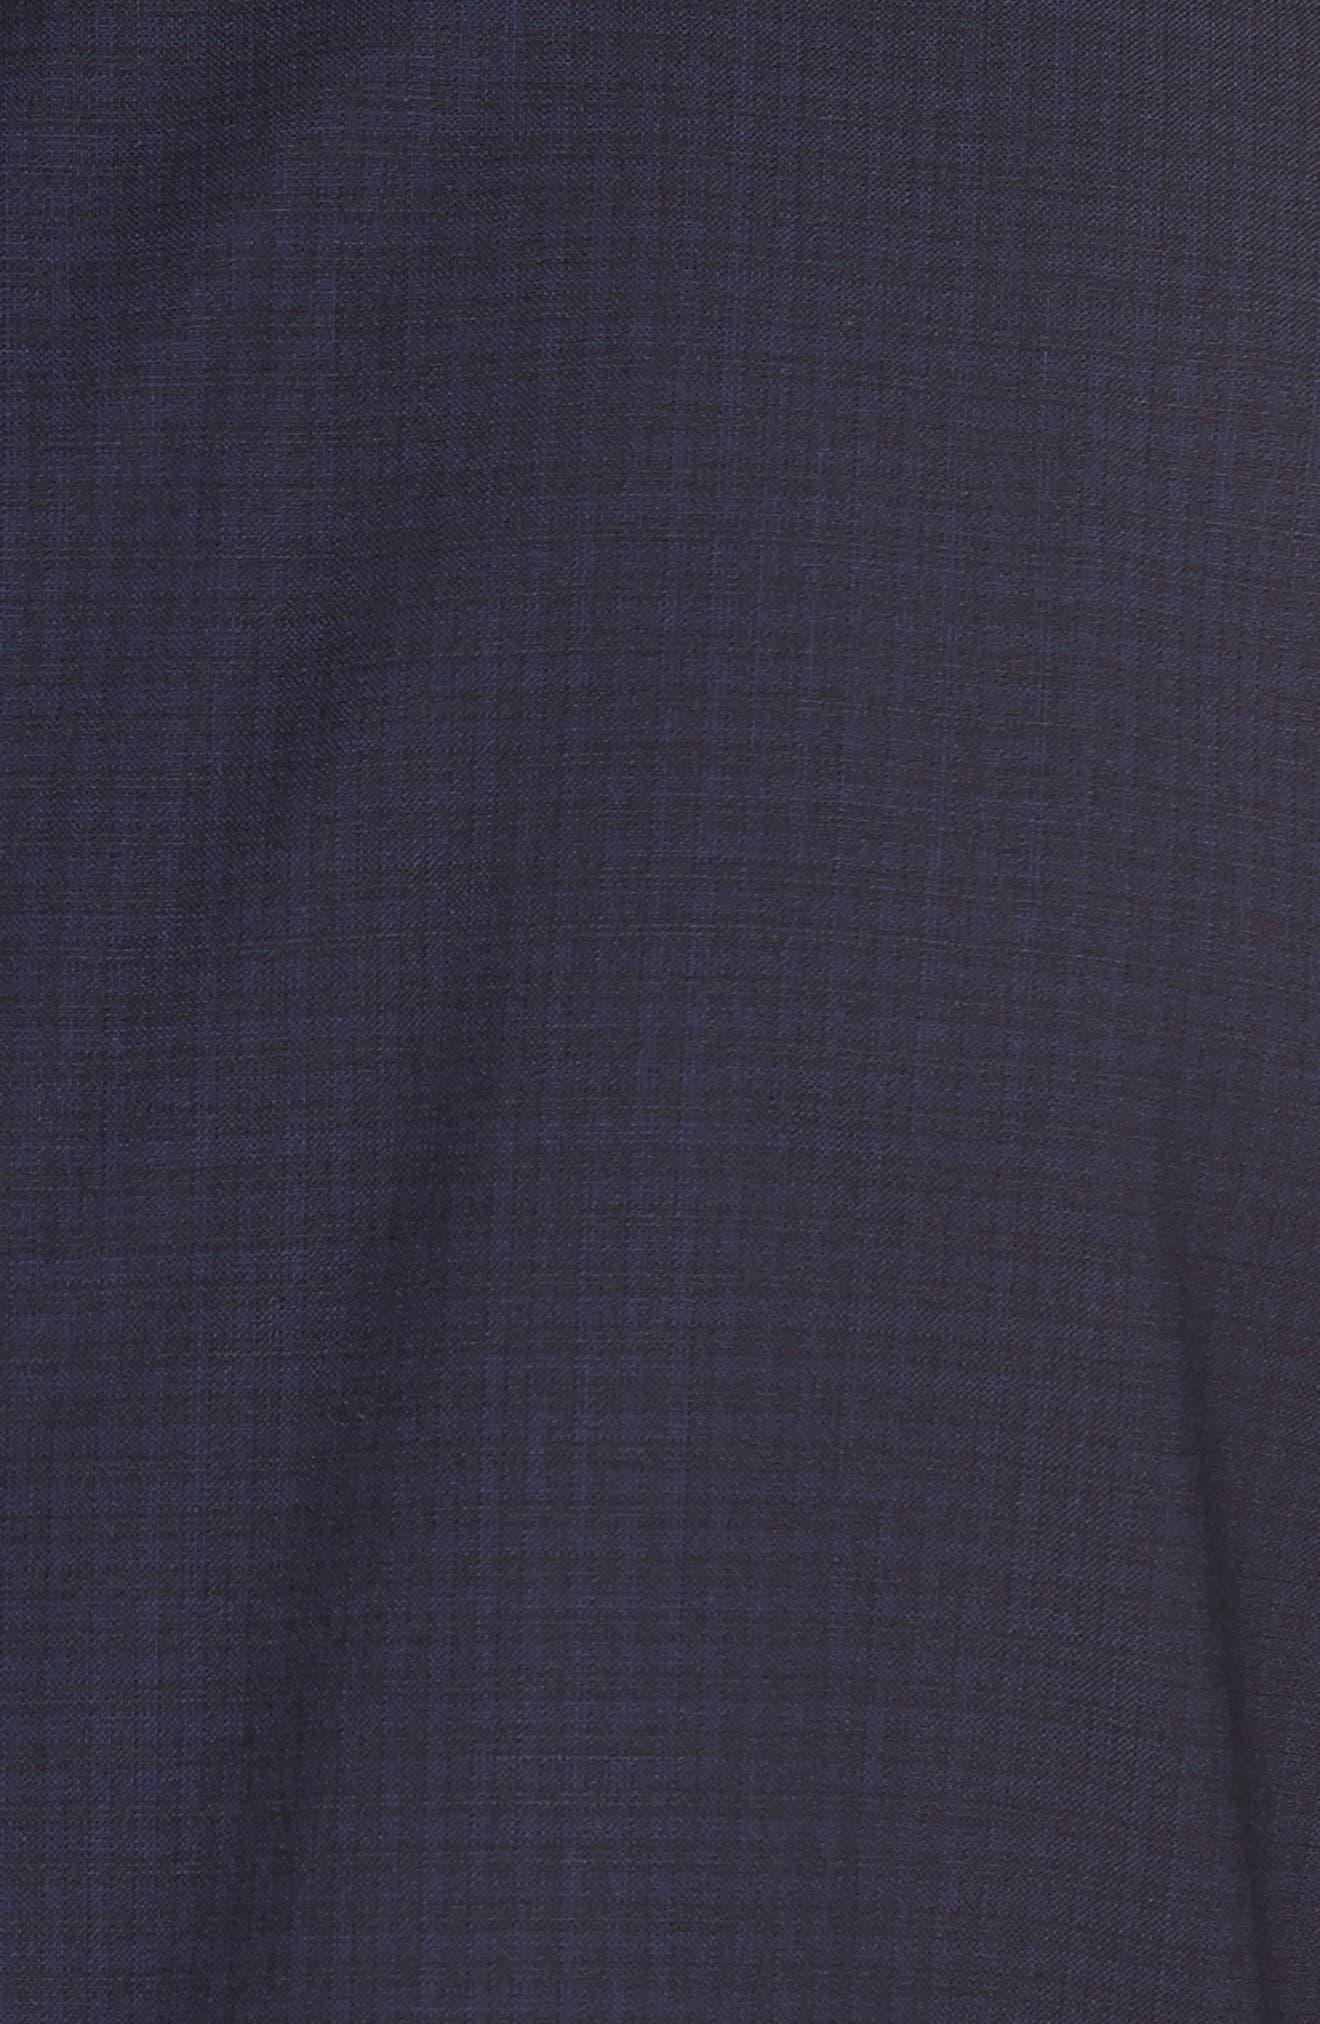 Roger Trim Fit Check Wool Suit,                             Alternate thumbnail 7, color,                             410